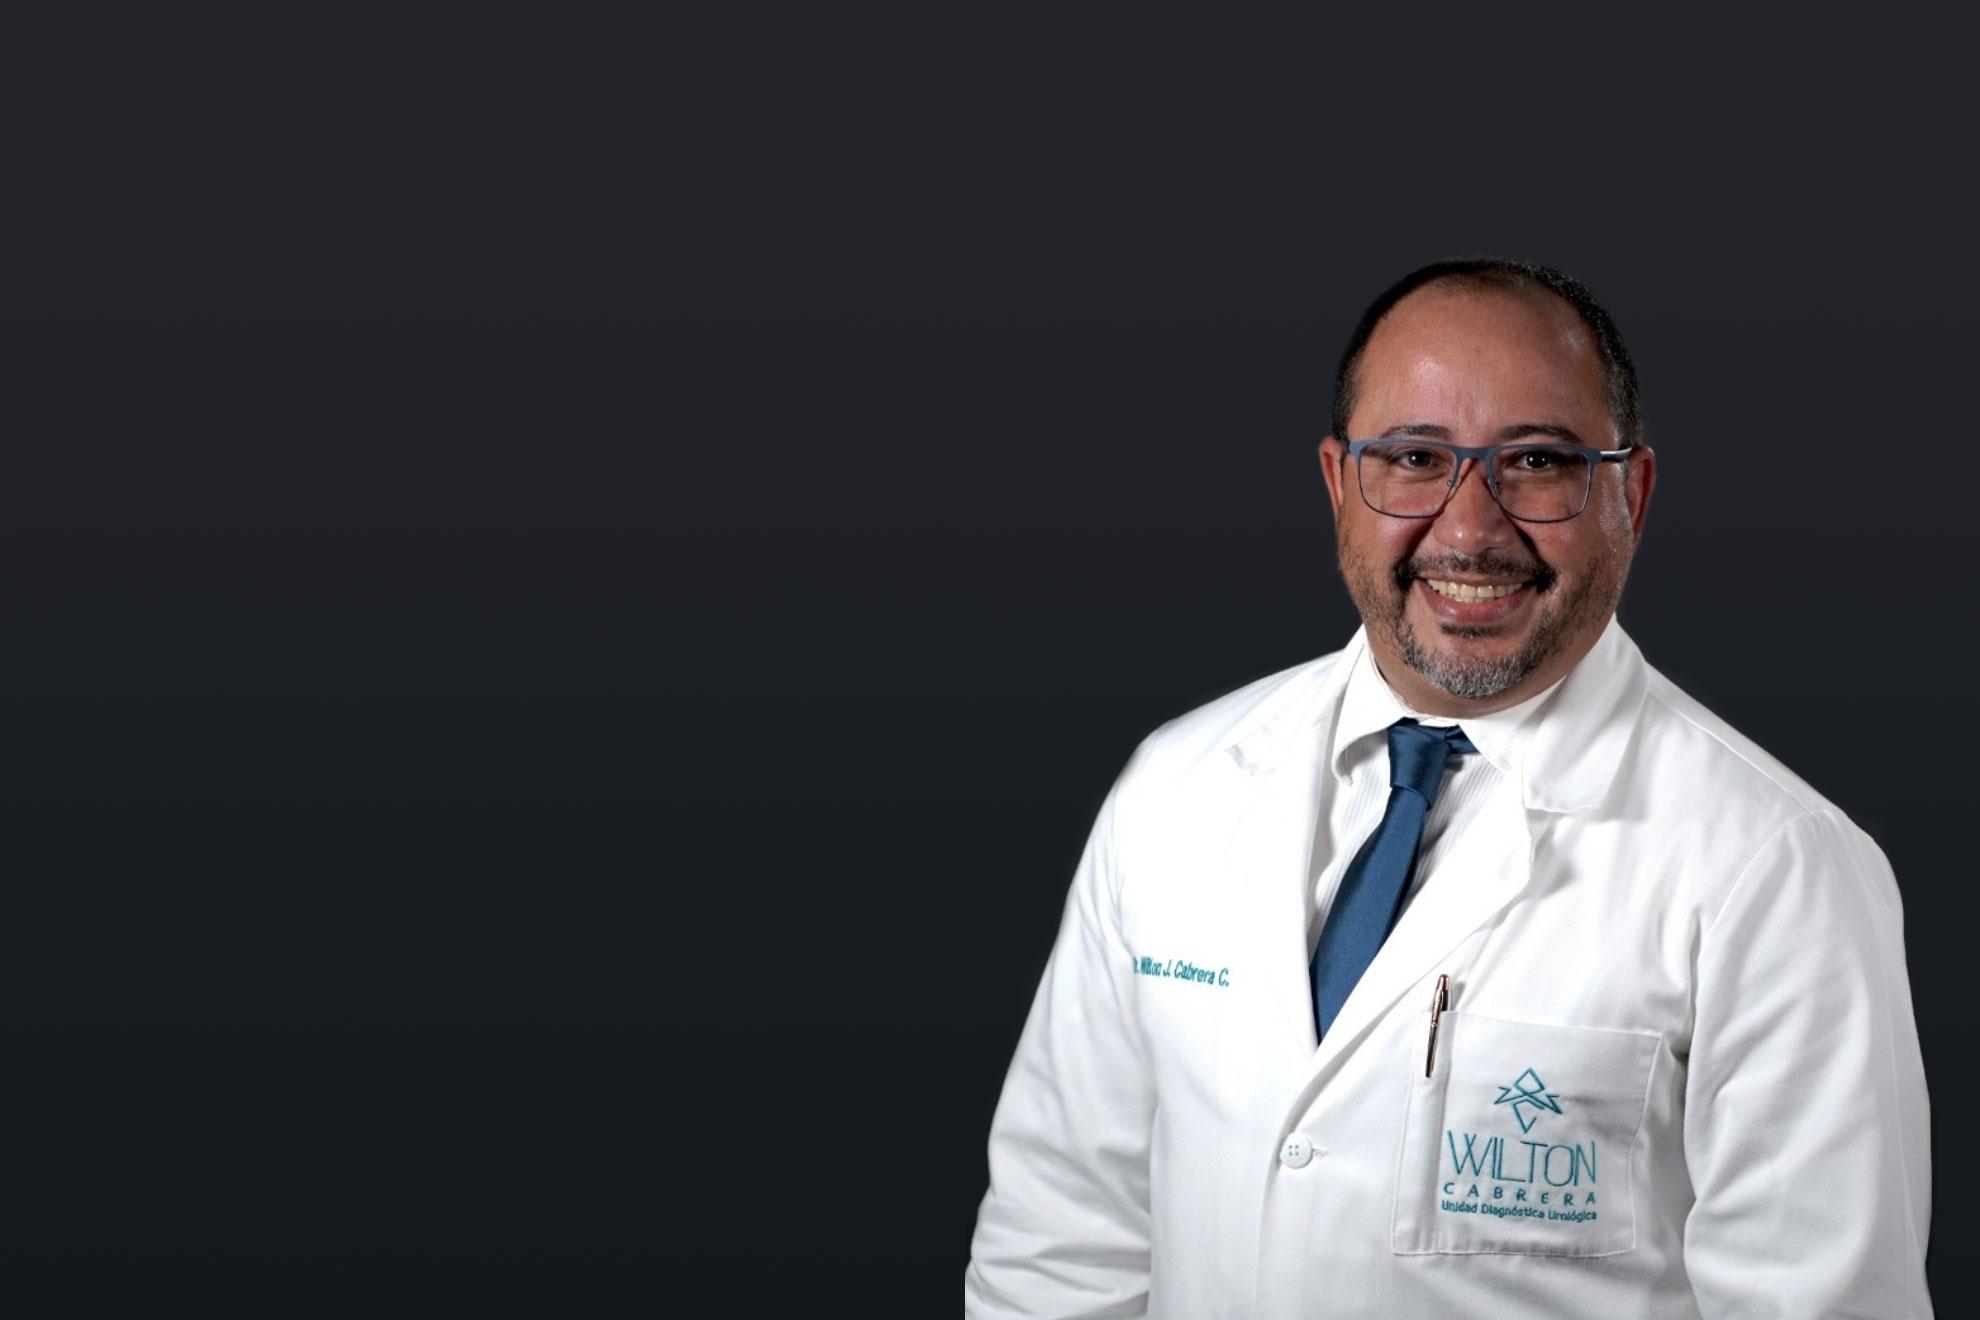 Con experiencia en cirugía mini-invasiva